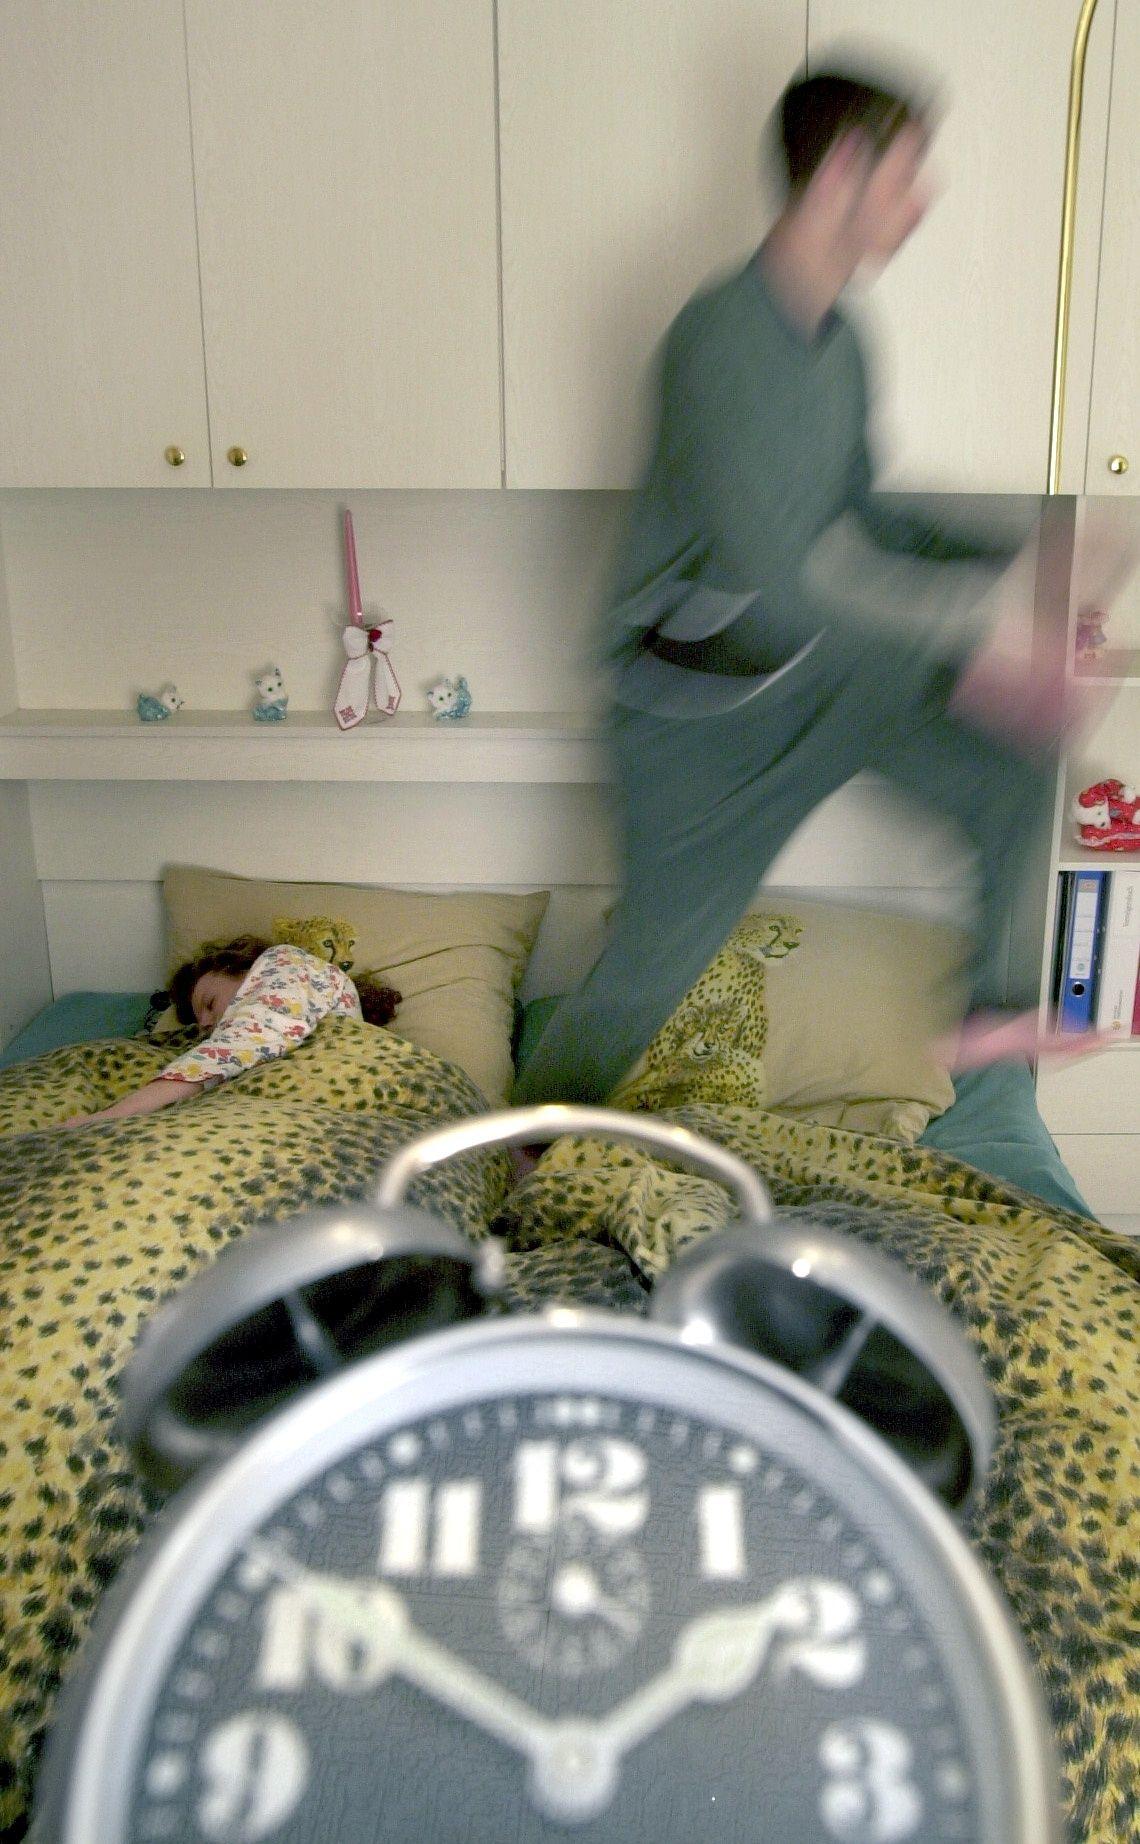 NICHT VERWENDEN Schlafprobleme / RLS / Laufzwang